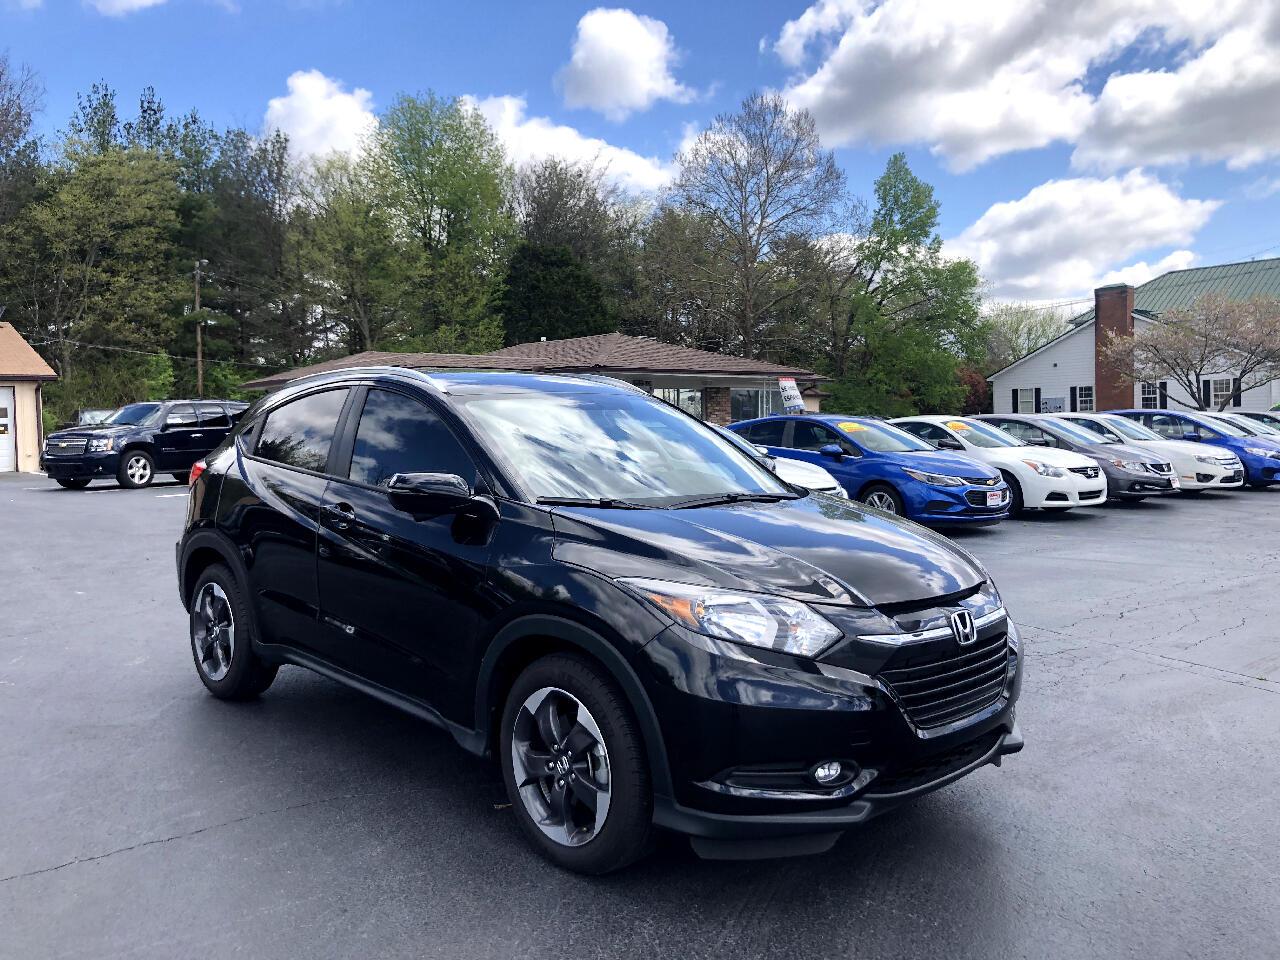 Honda HR-V EX-L Navi 2WD CVT 2018